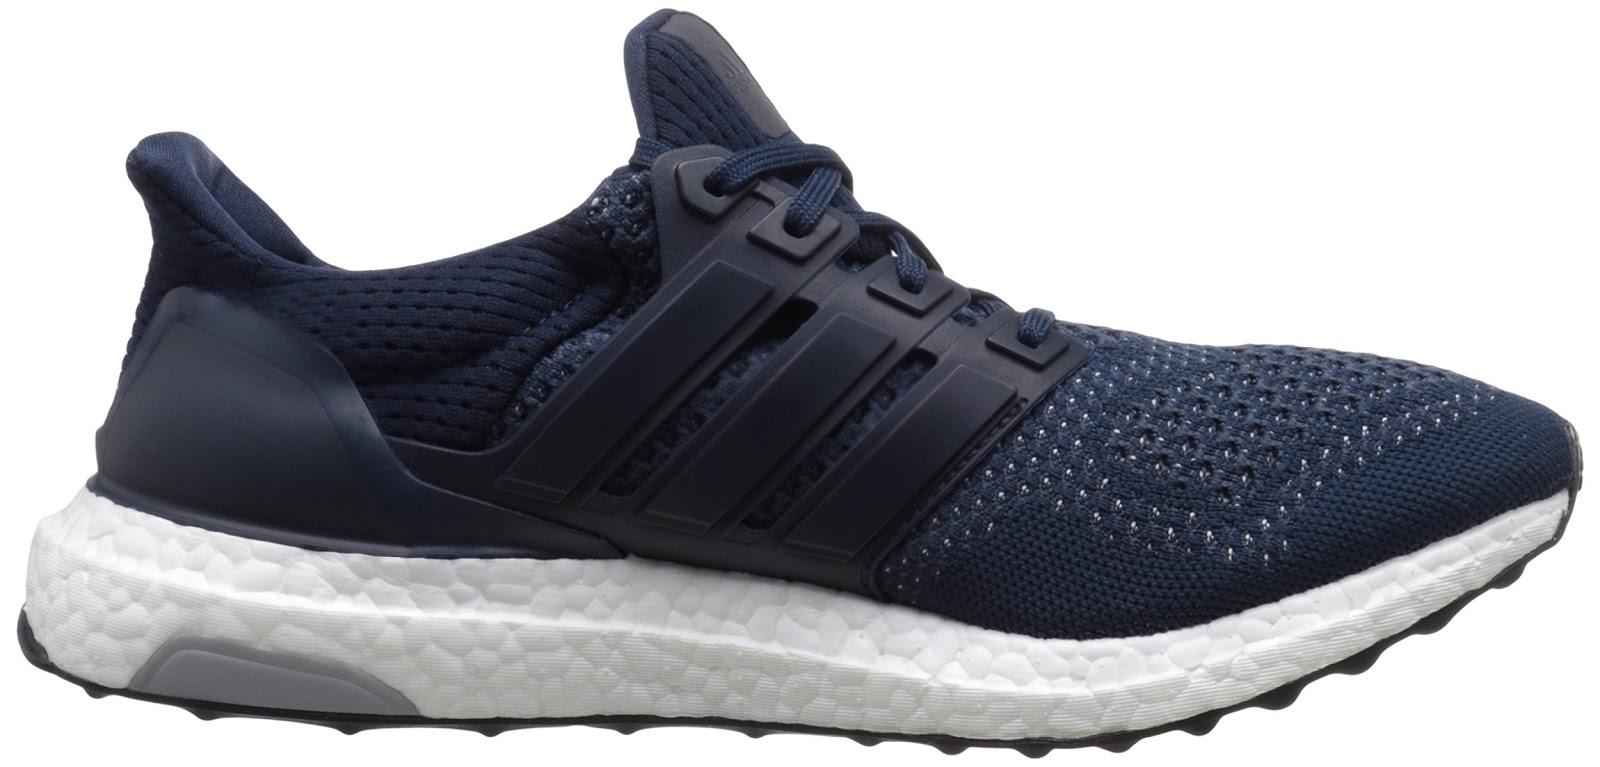 70ae31c14adf Adidas Ultra Boost